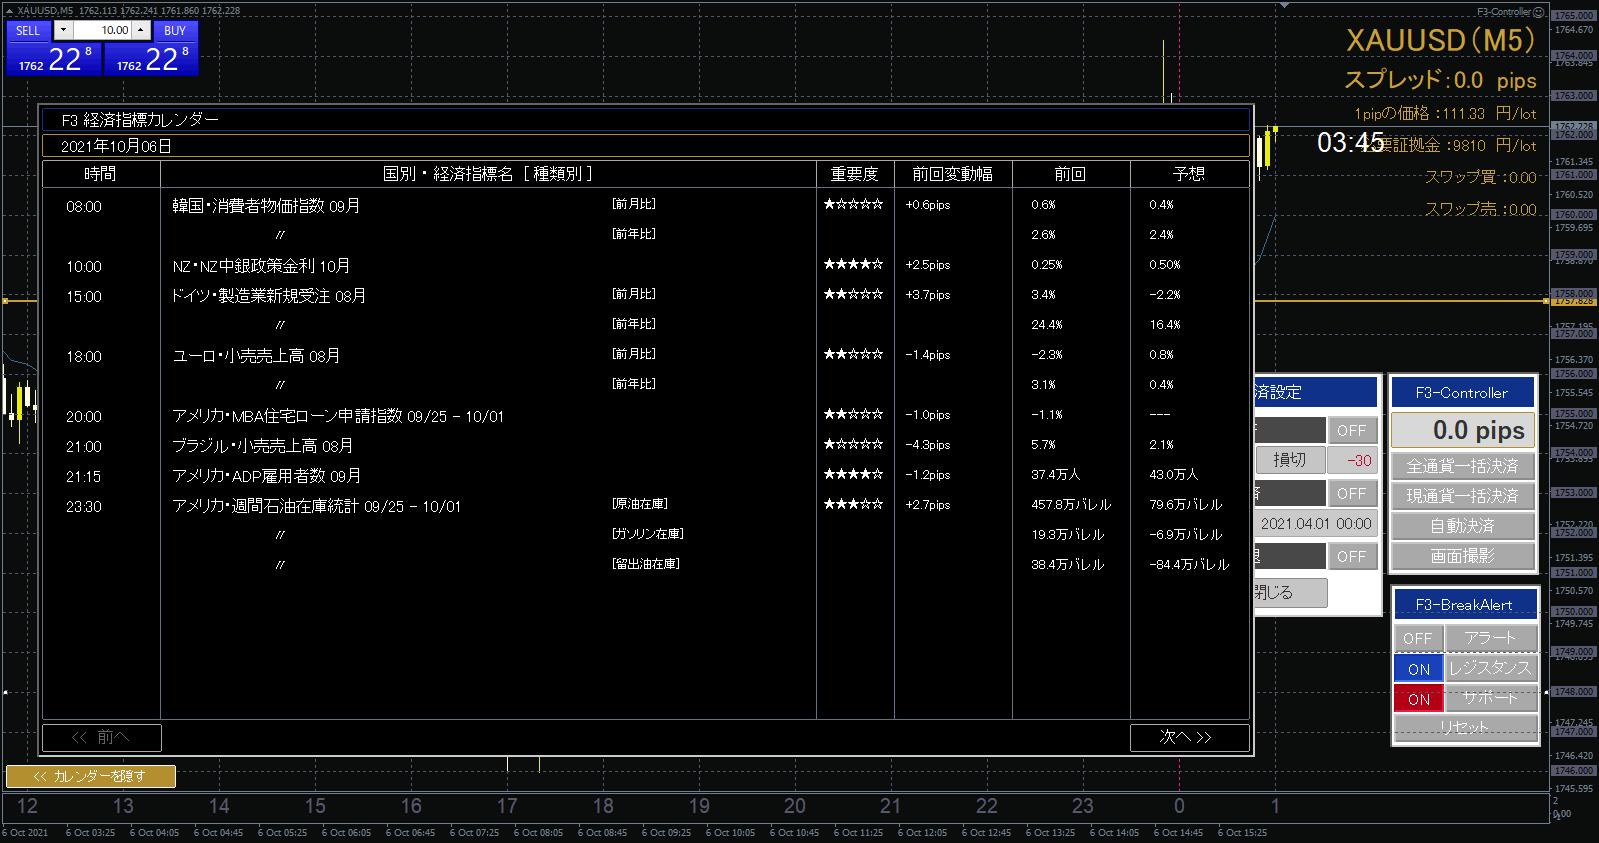 F3カレンダー表示例